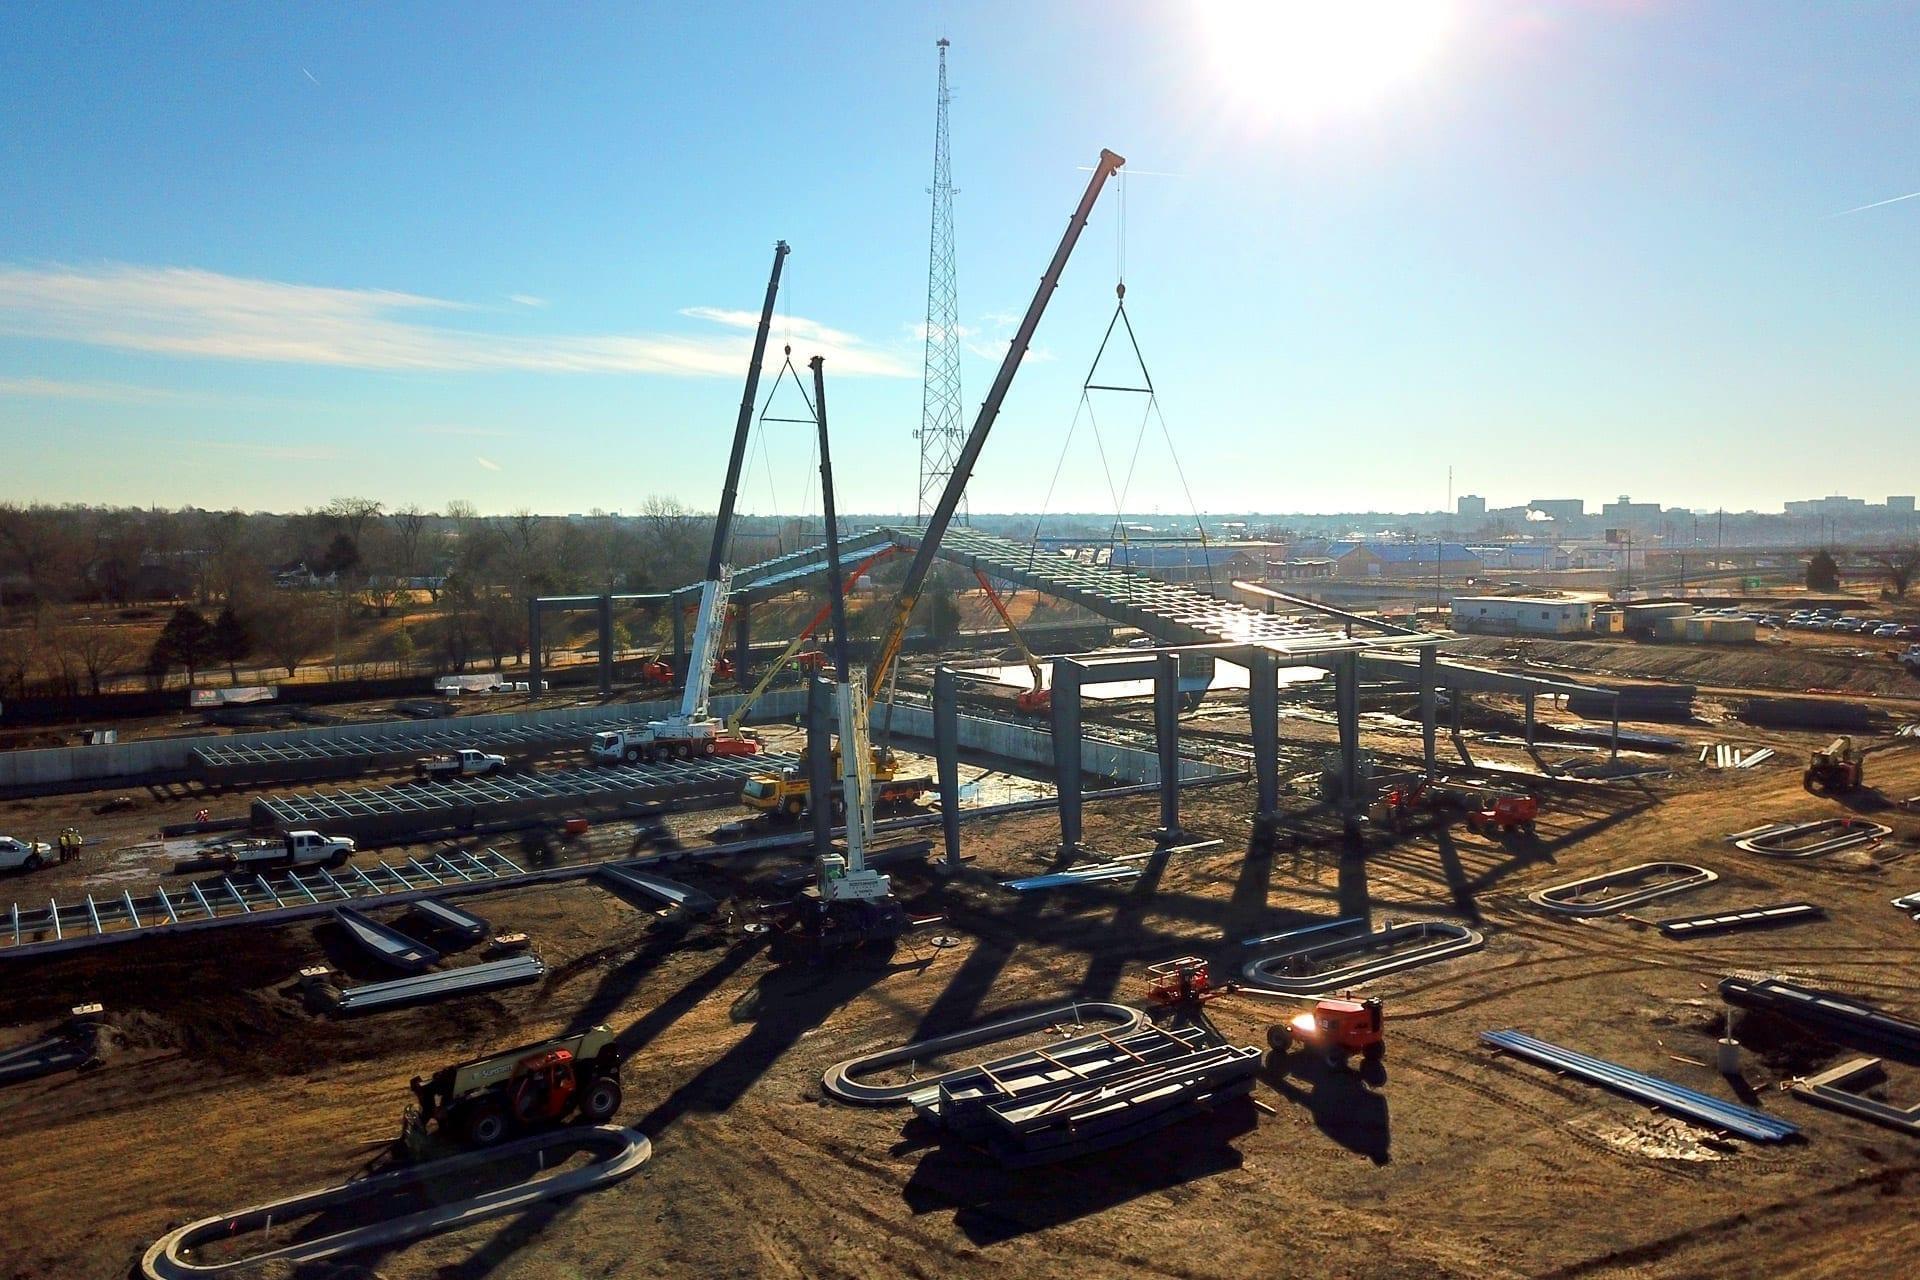 BMX headquarters being assembled